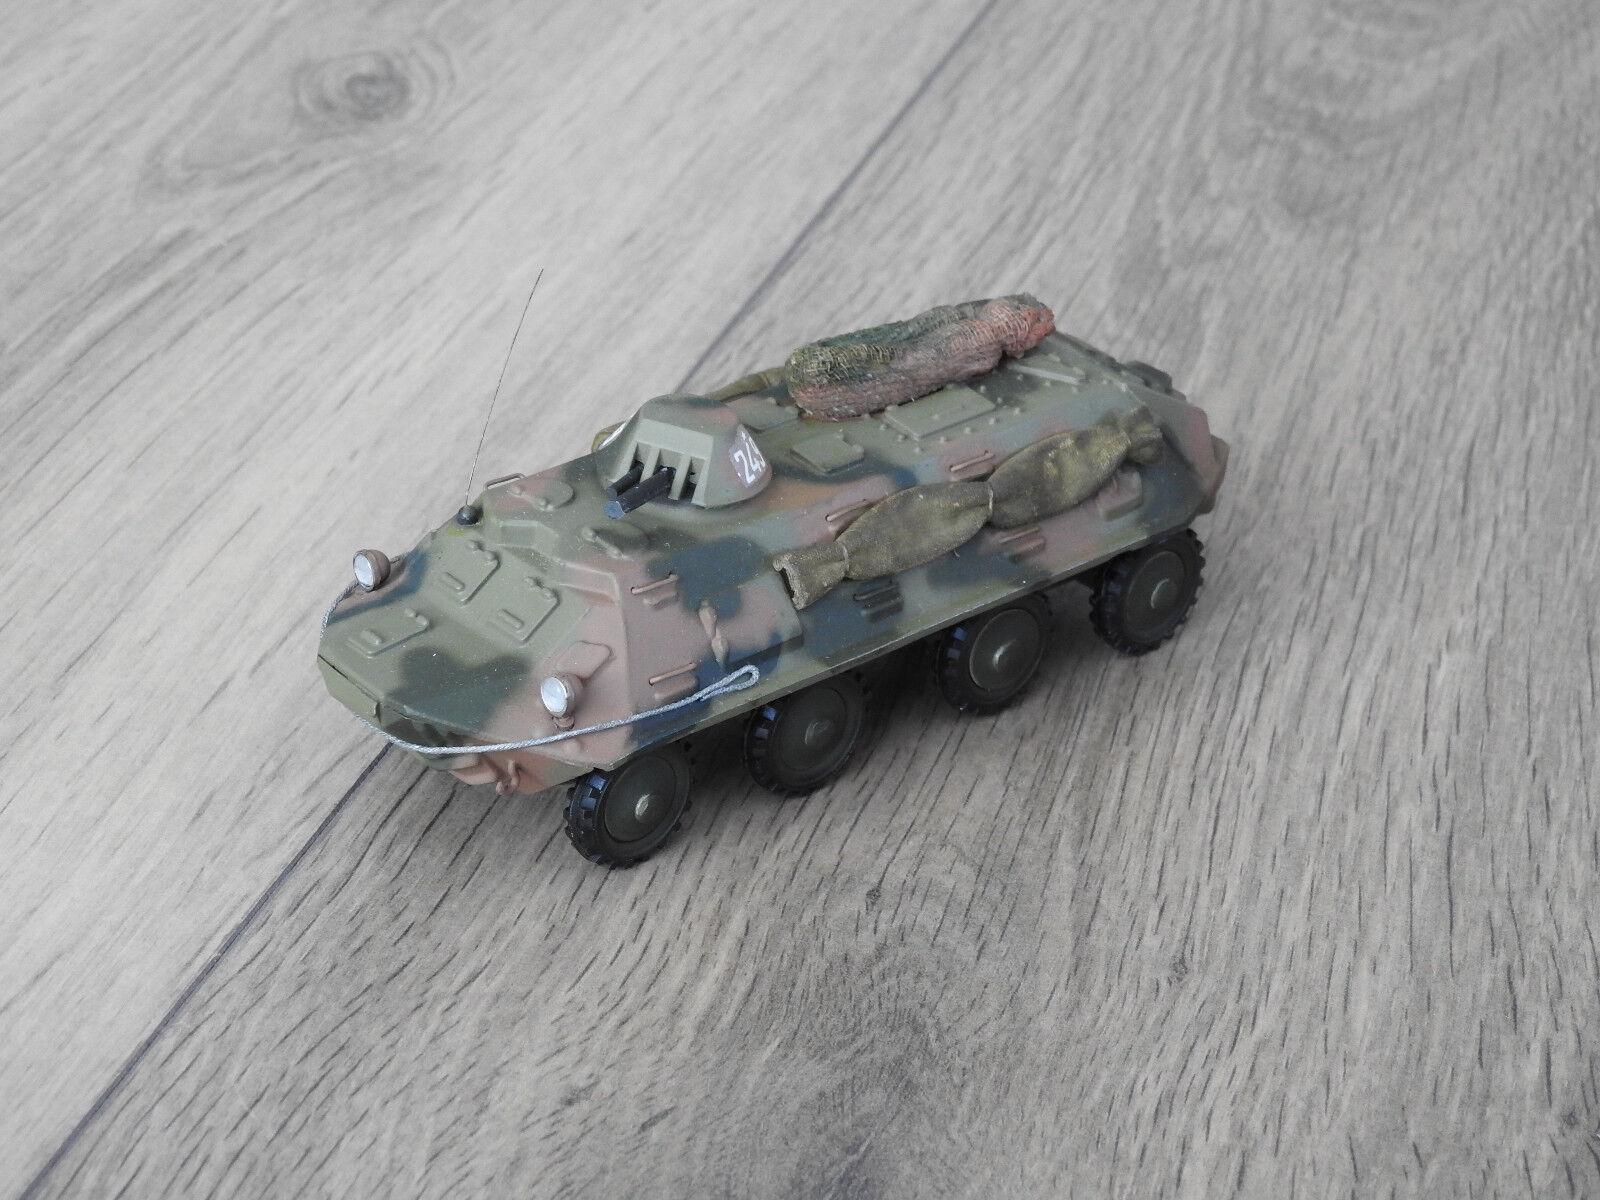 Btr-60 URSS RDA massstabsmodell 1 43